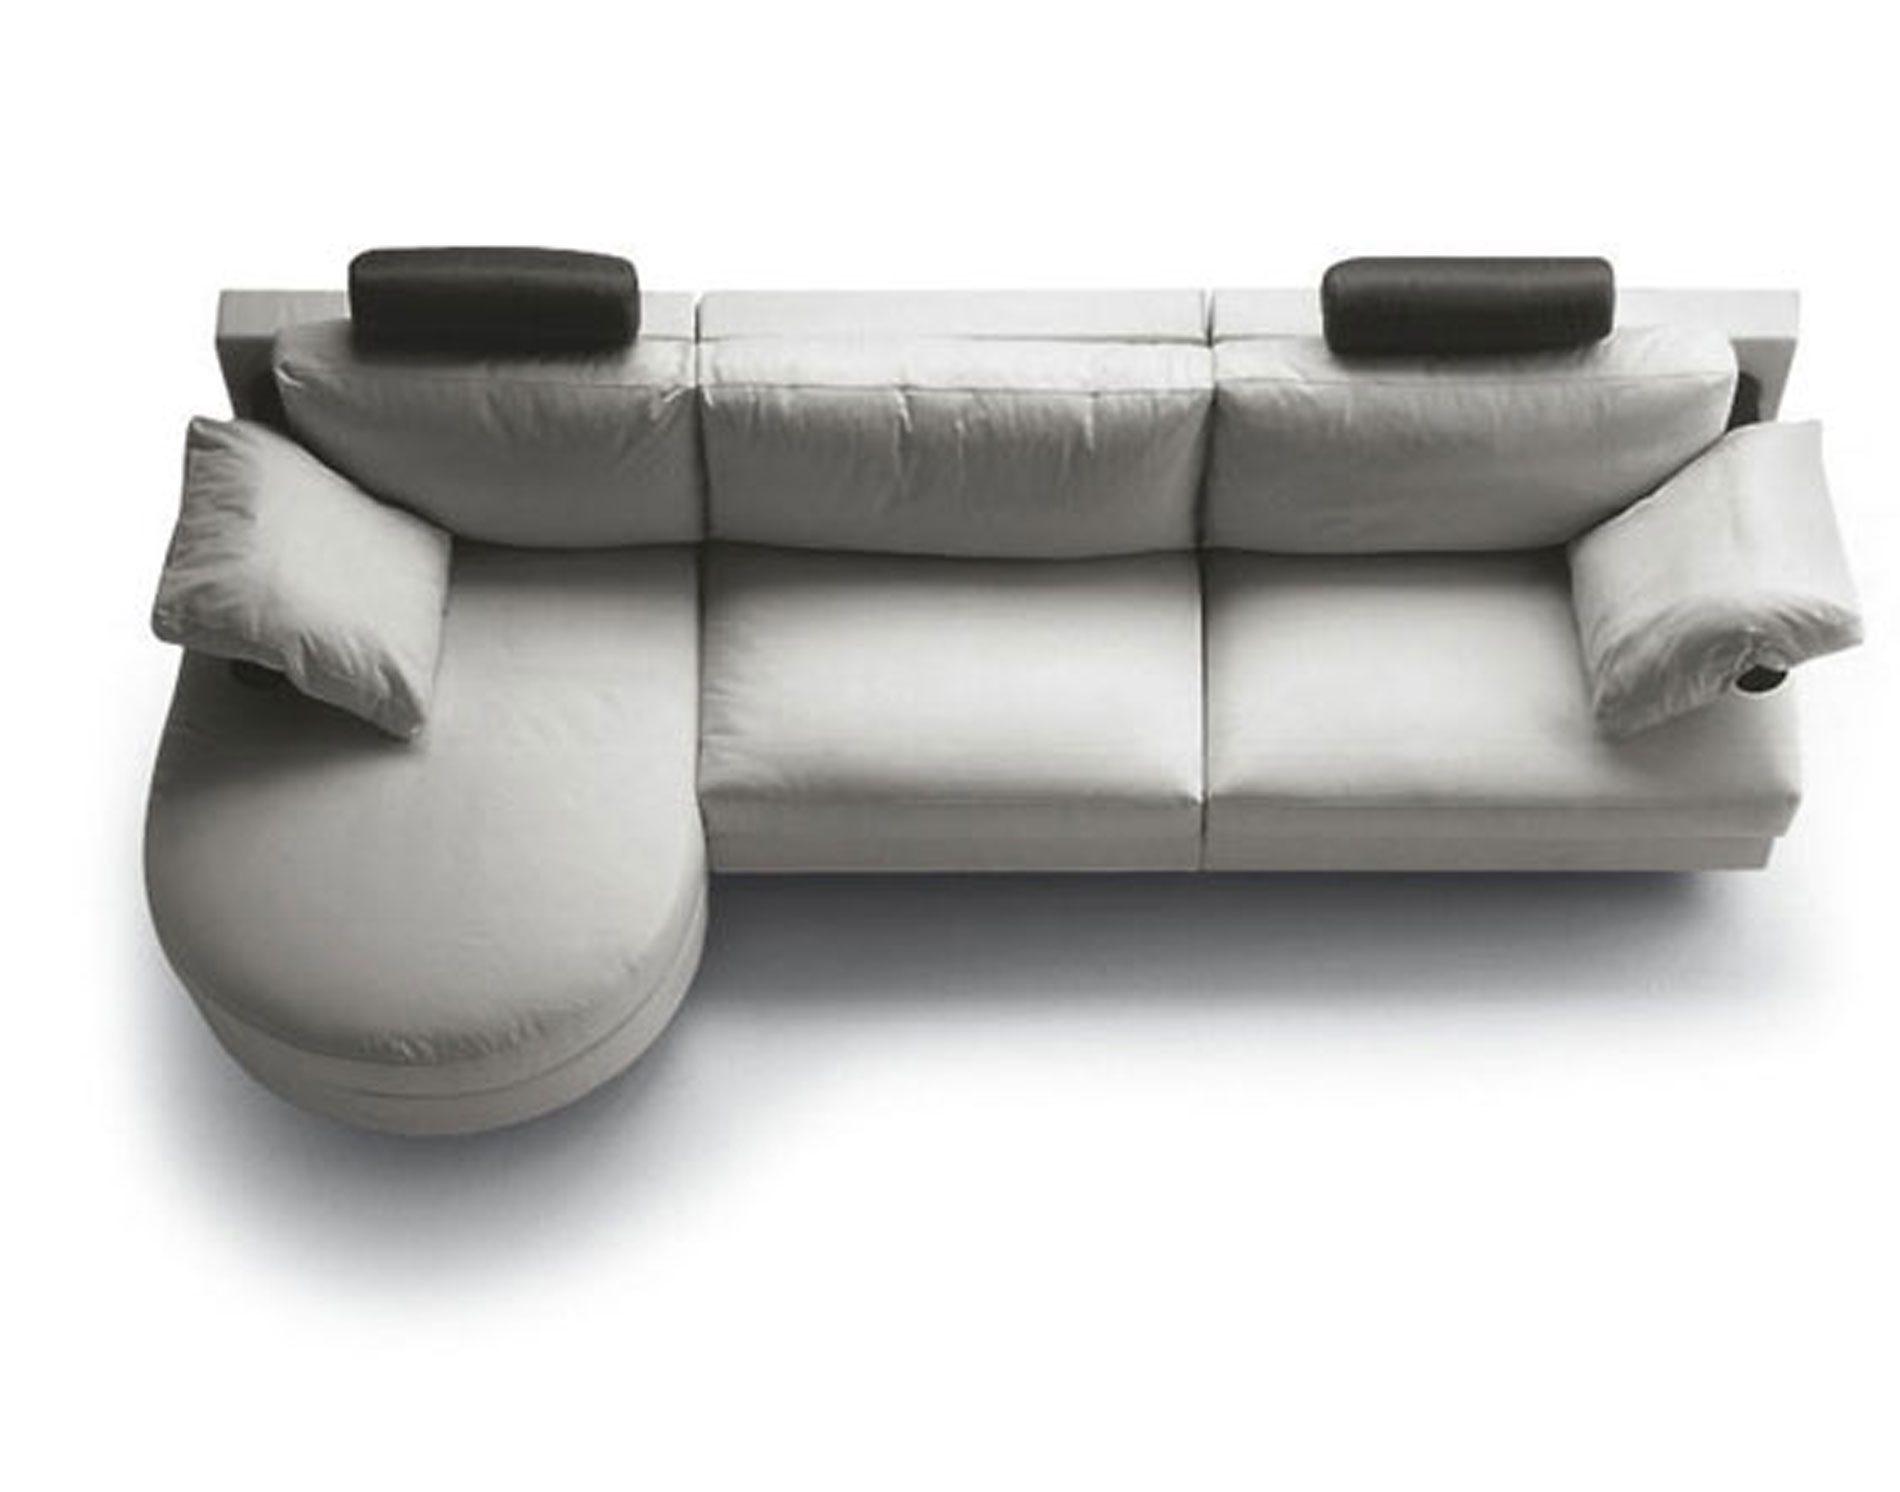 divano sity antonio citterio b&b icona del design divani